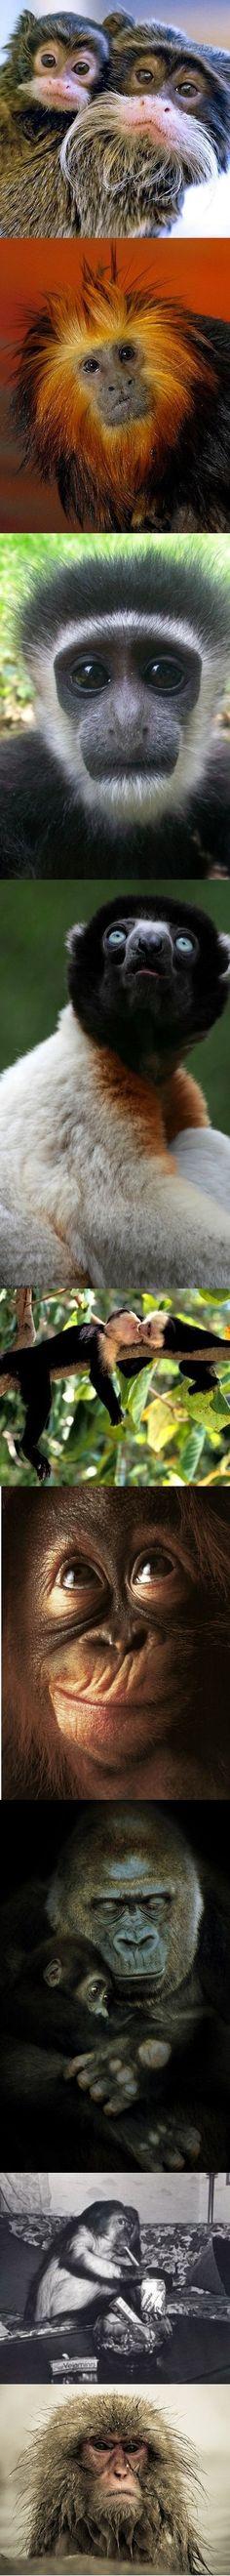 monkeys monkeys monkeys